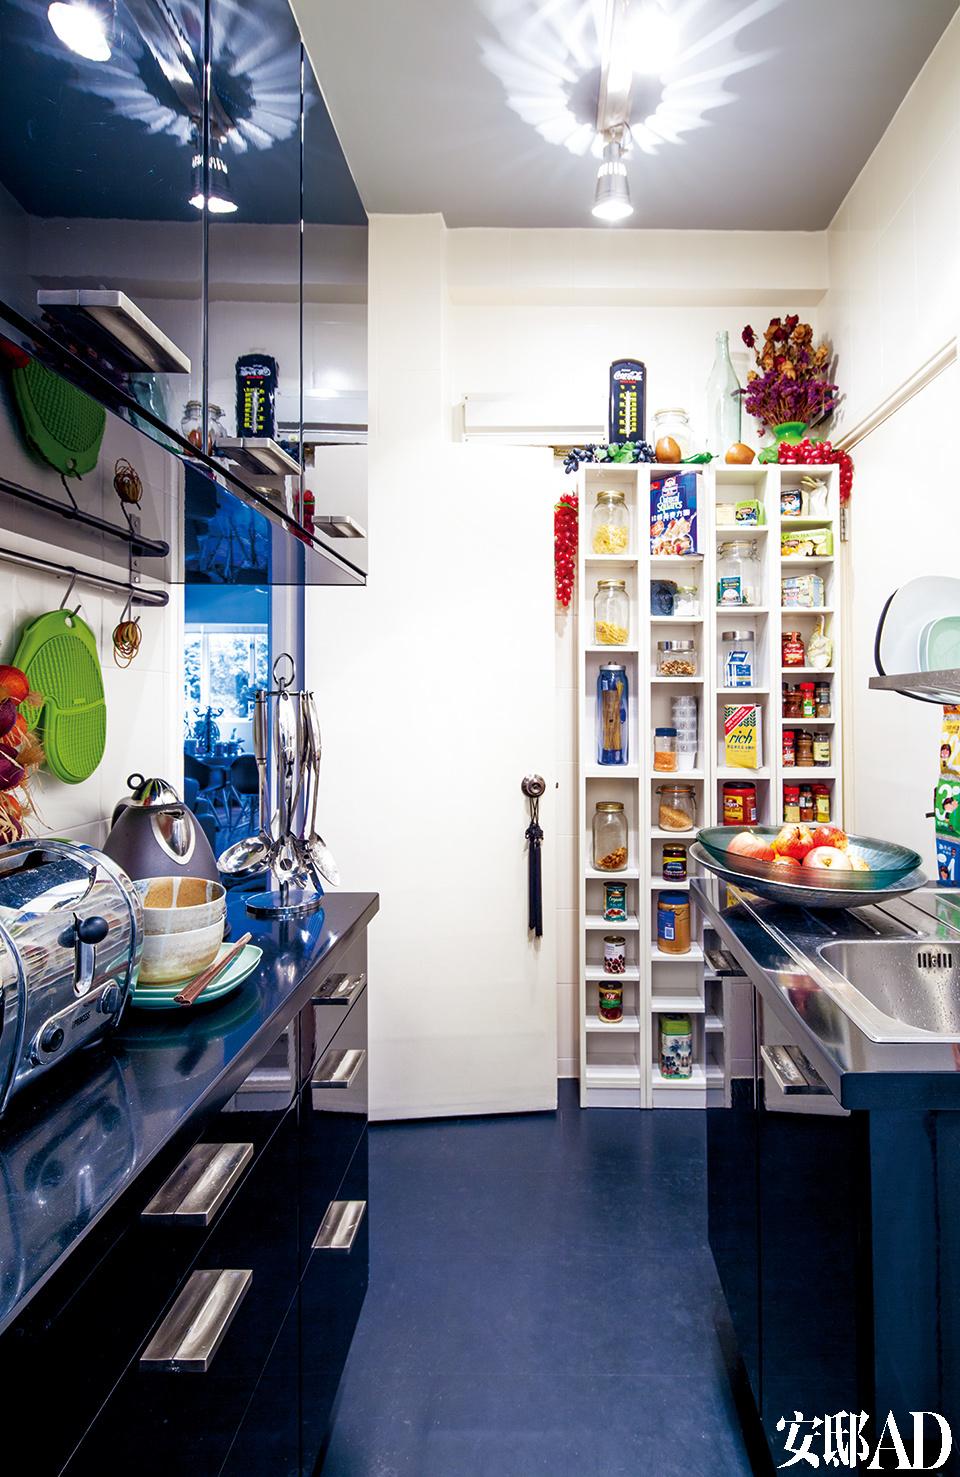 小厨房重装时选用了宜家家居的组件,瓶瓶罐罐一目了然。